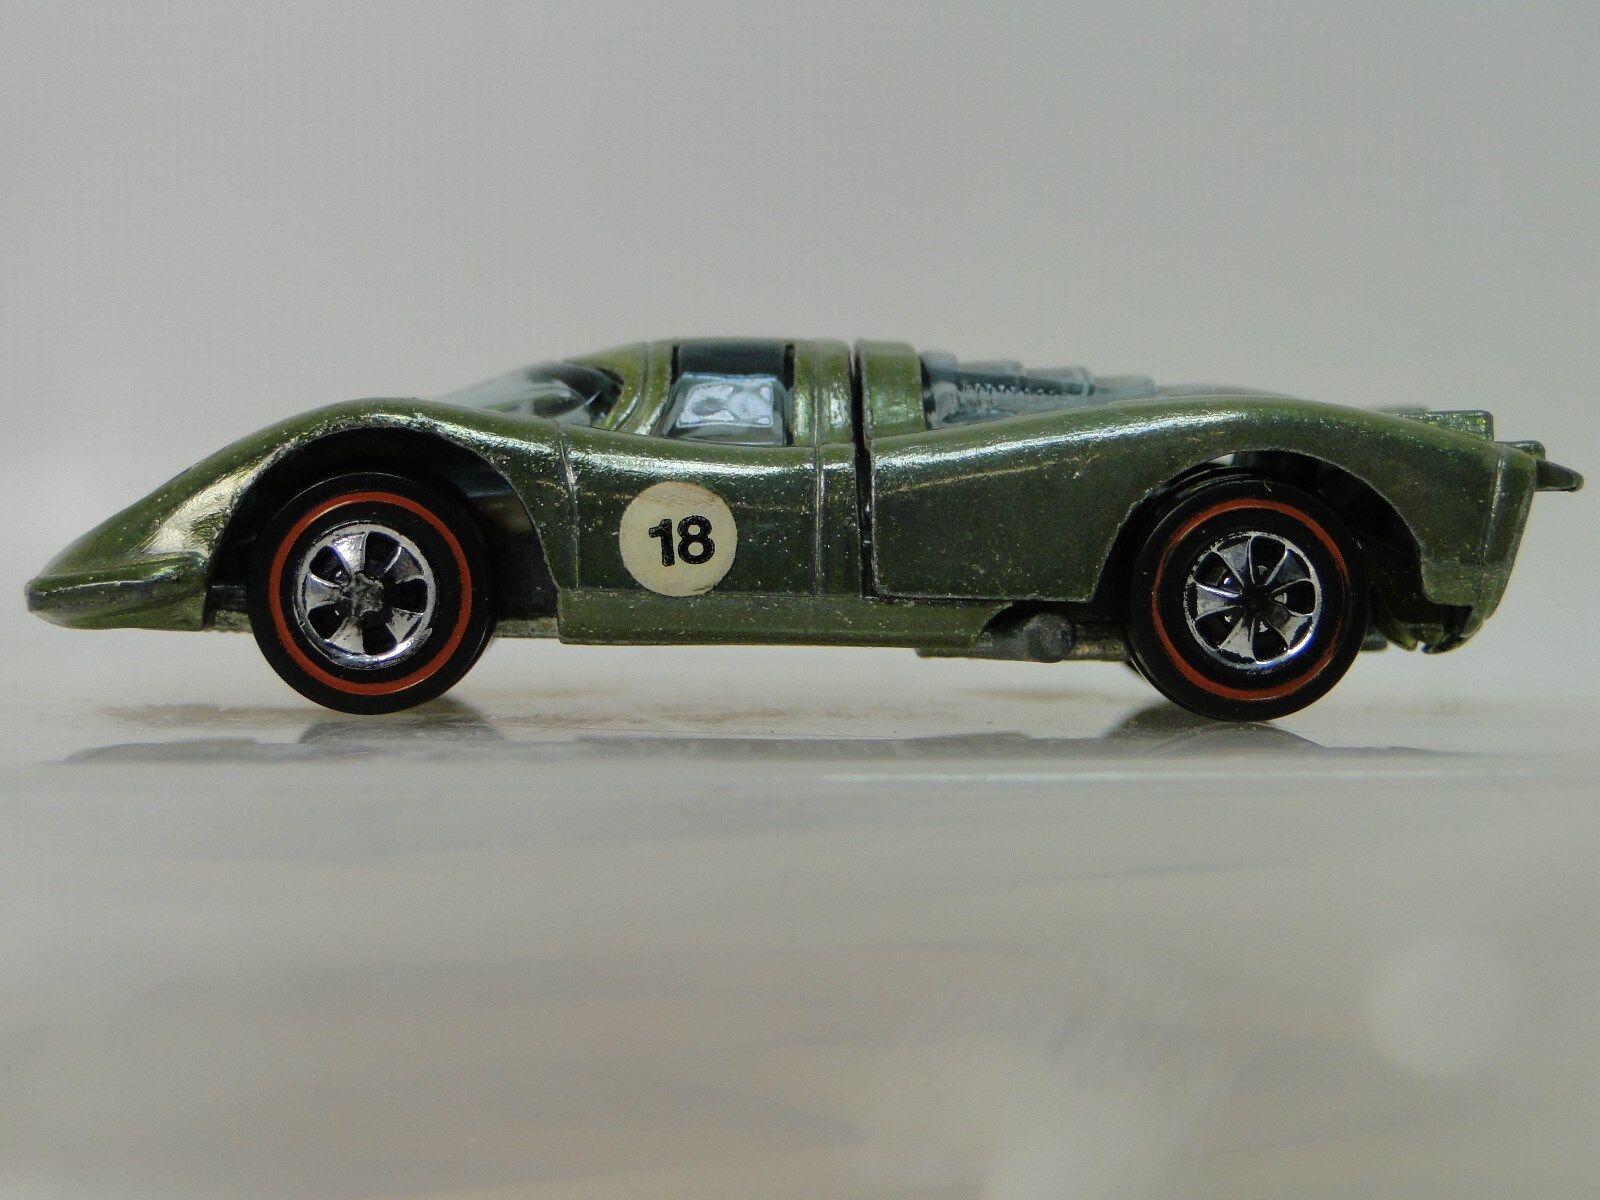 1969 heißen rad rotline porsche 911 gt - 1 f vintage - sport - rennwagen 18. nein.